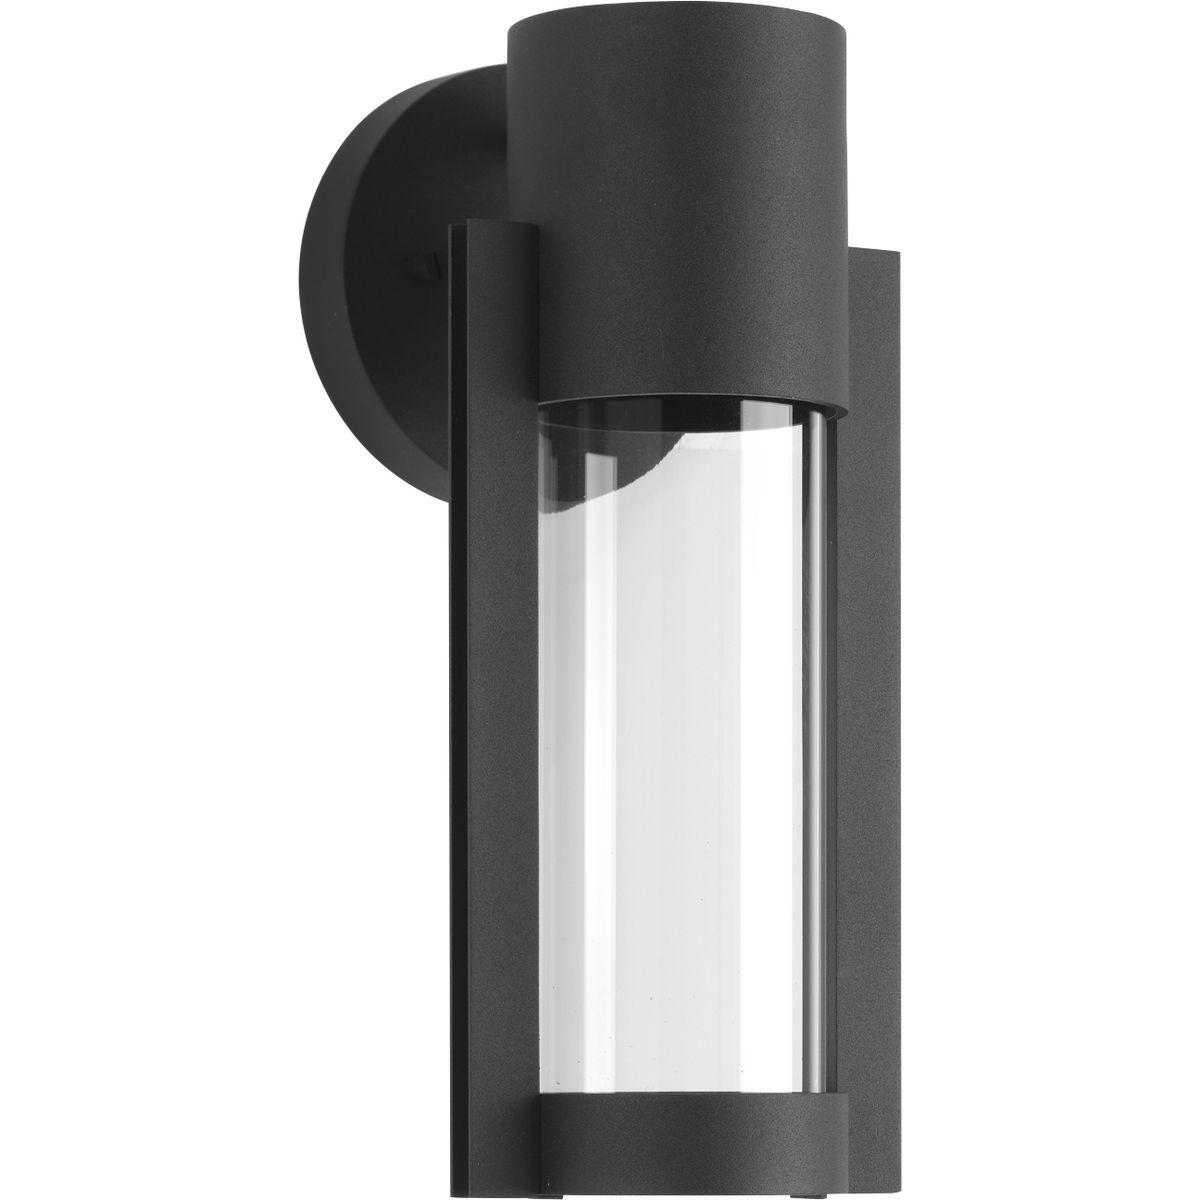 P560051-031-30 PROGRESS Z-1030 1-9W LED WALL LANTERN BLACK